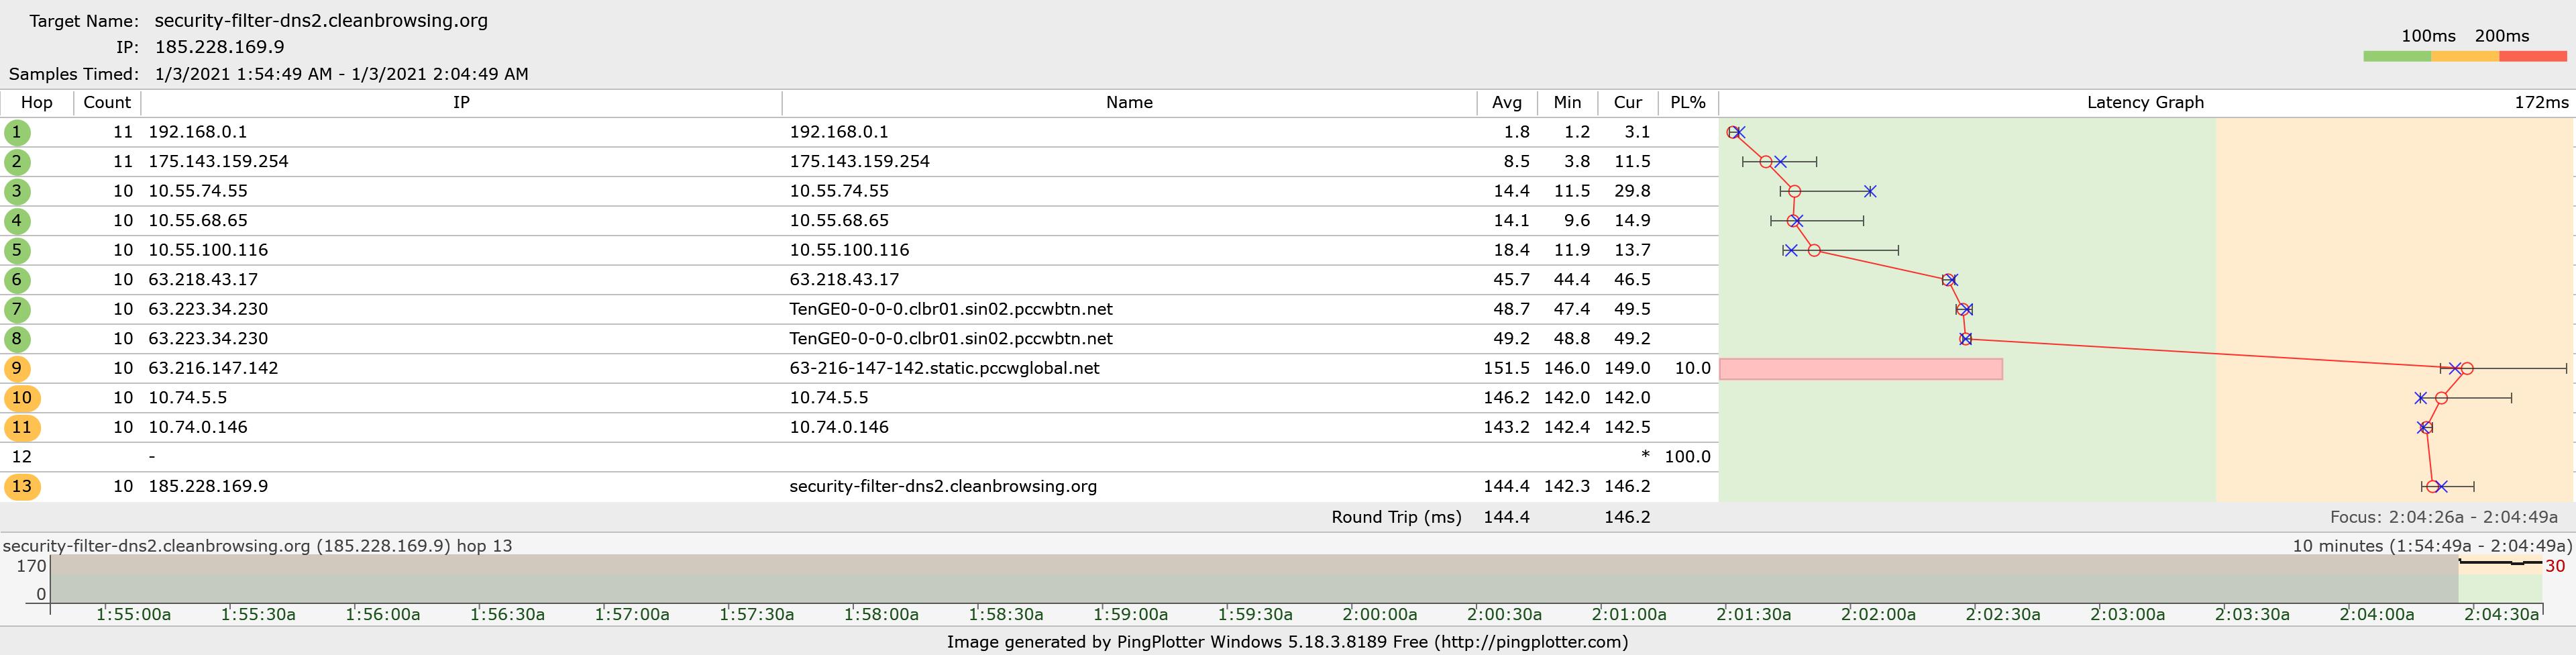 2nd IPv4 address